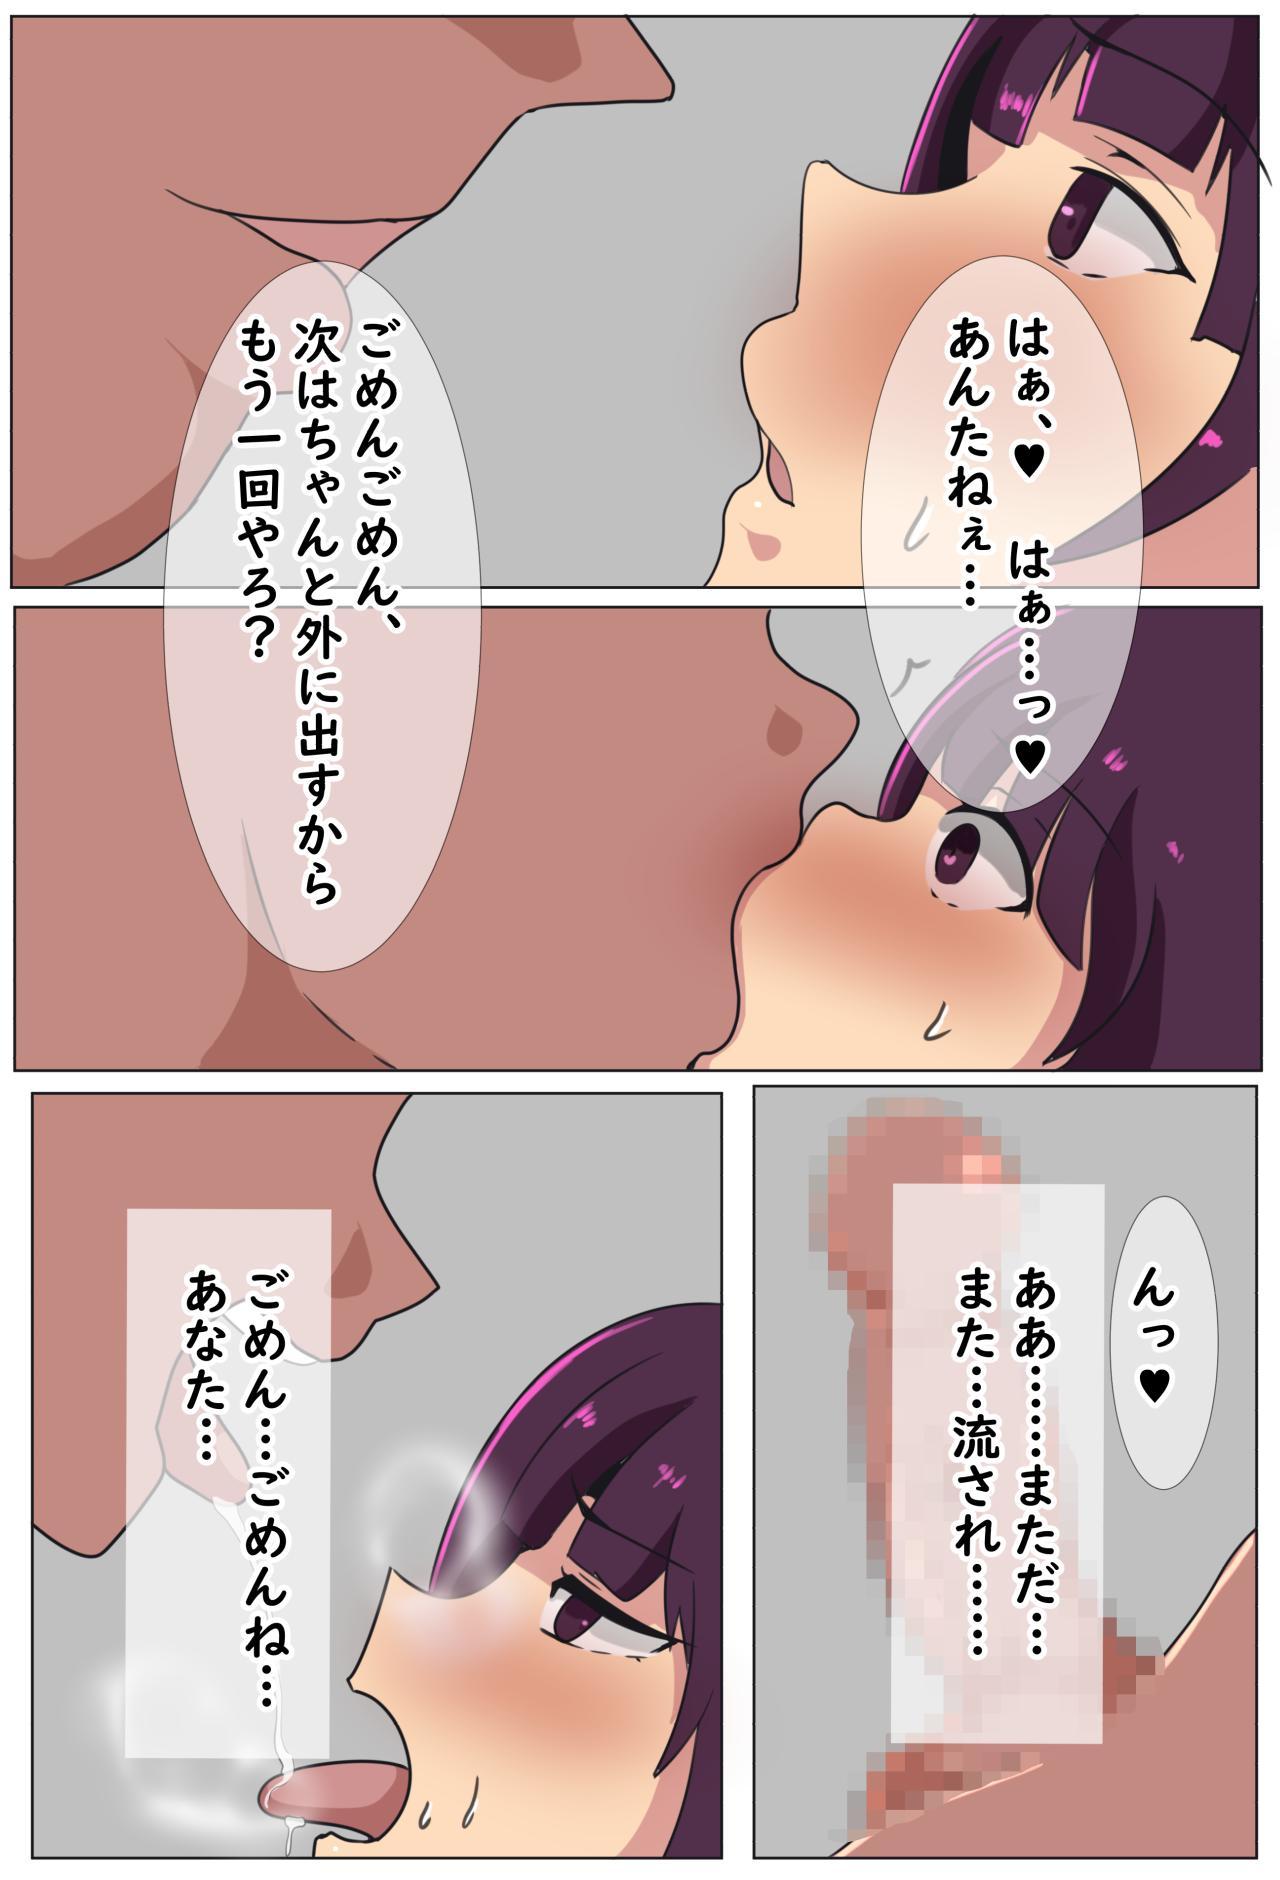 Tsukikosan NTR ~ tsuyokide oshi ni yowai kono hitotsuma 30